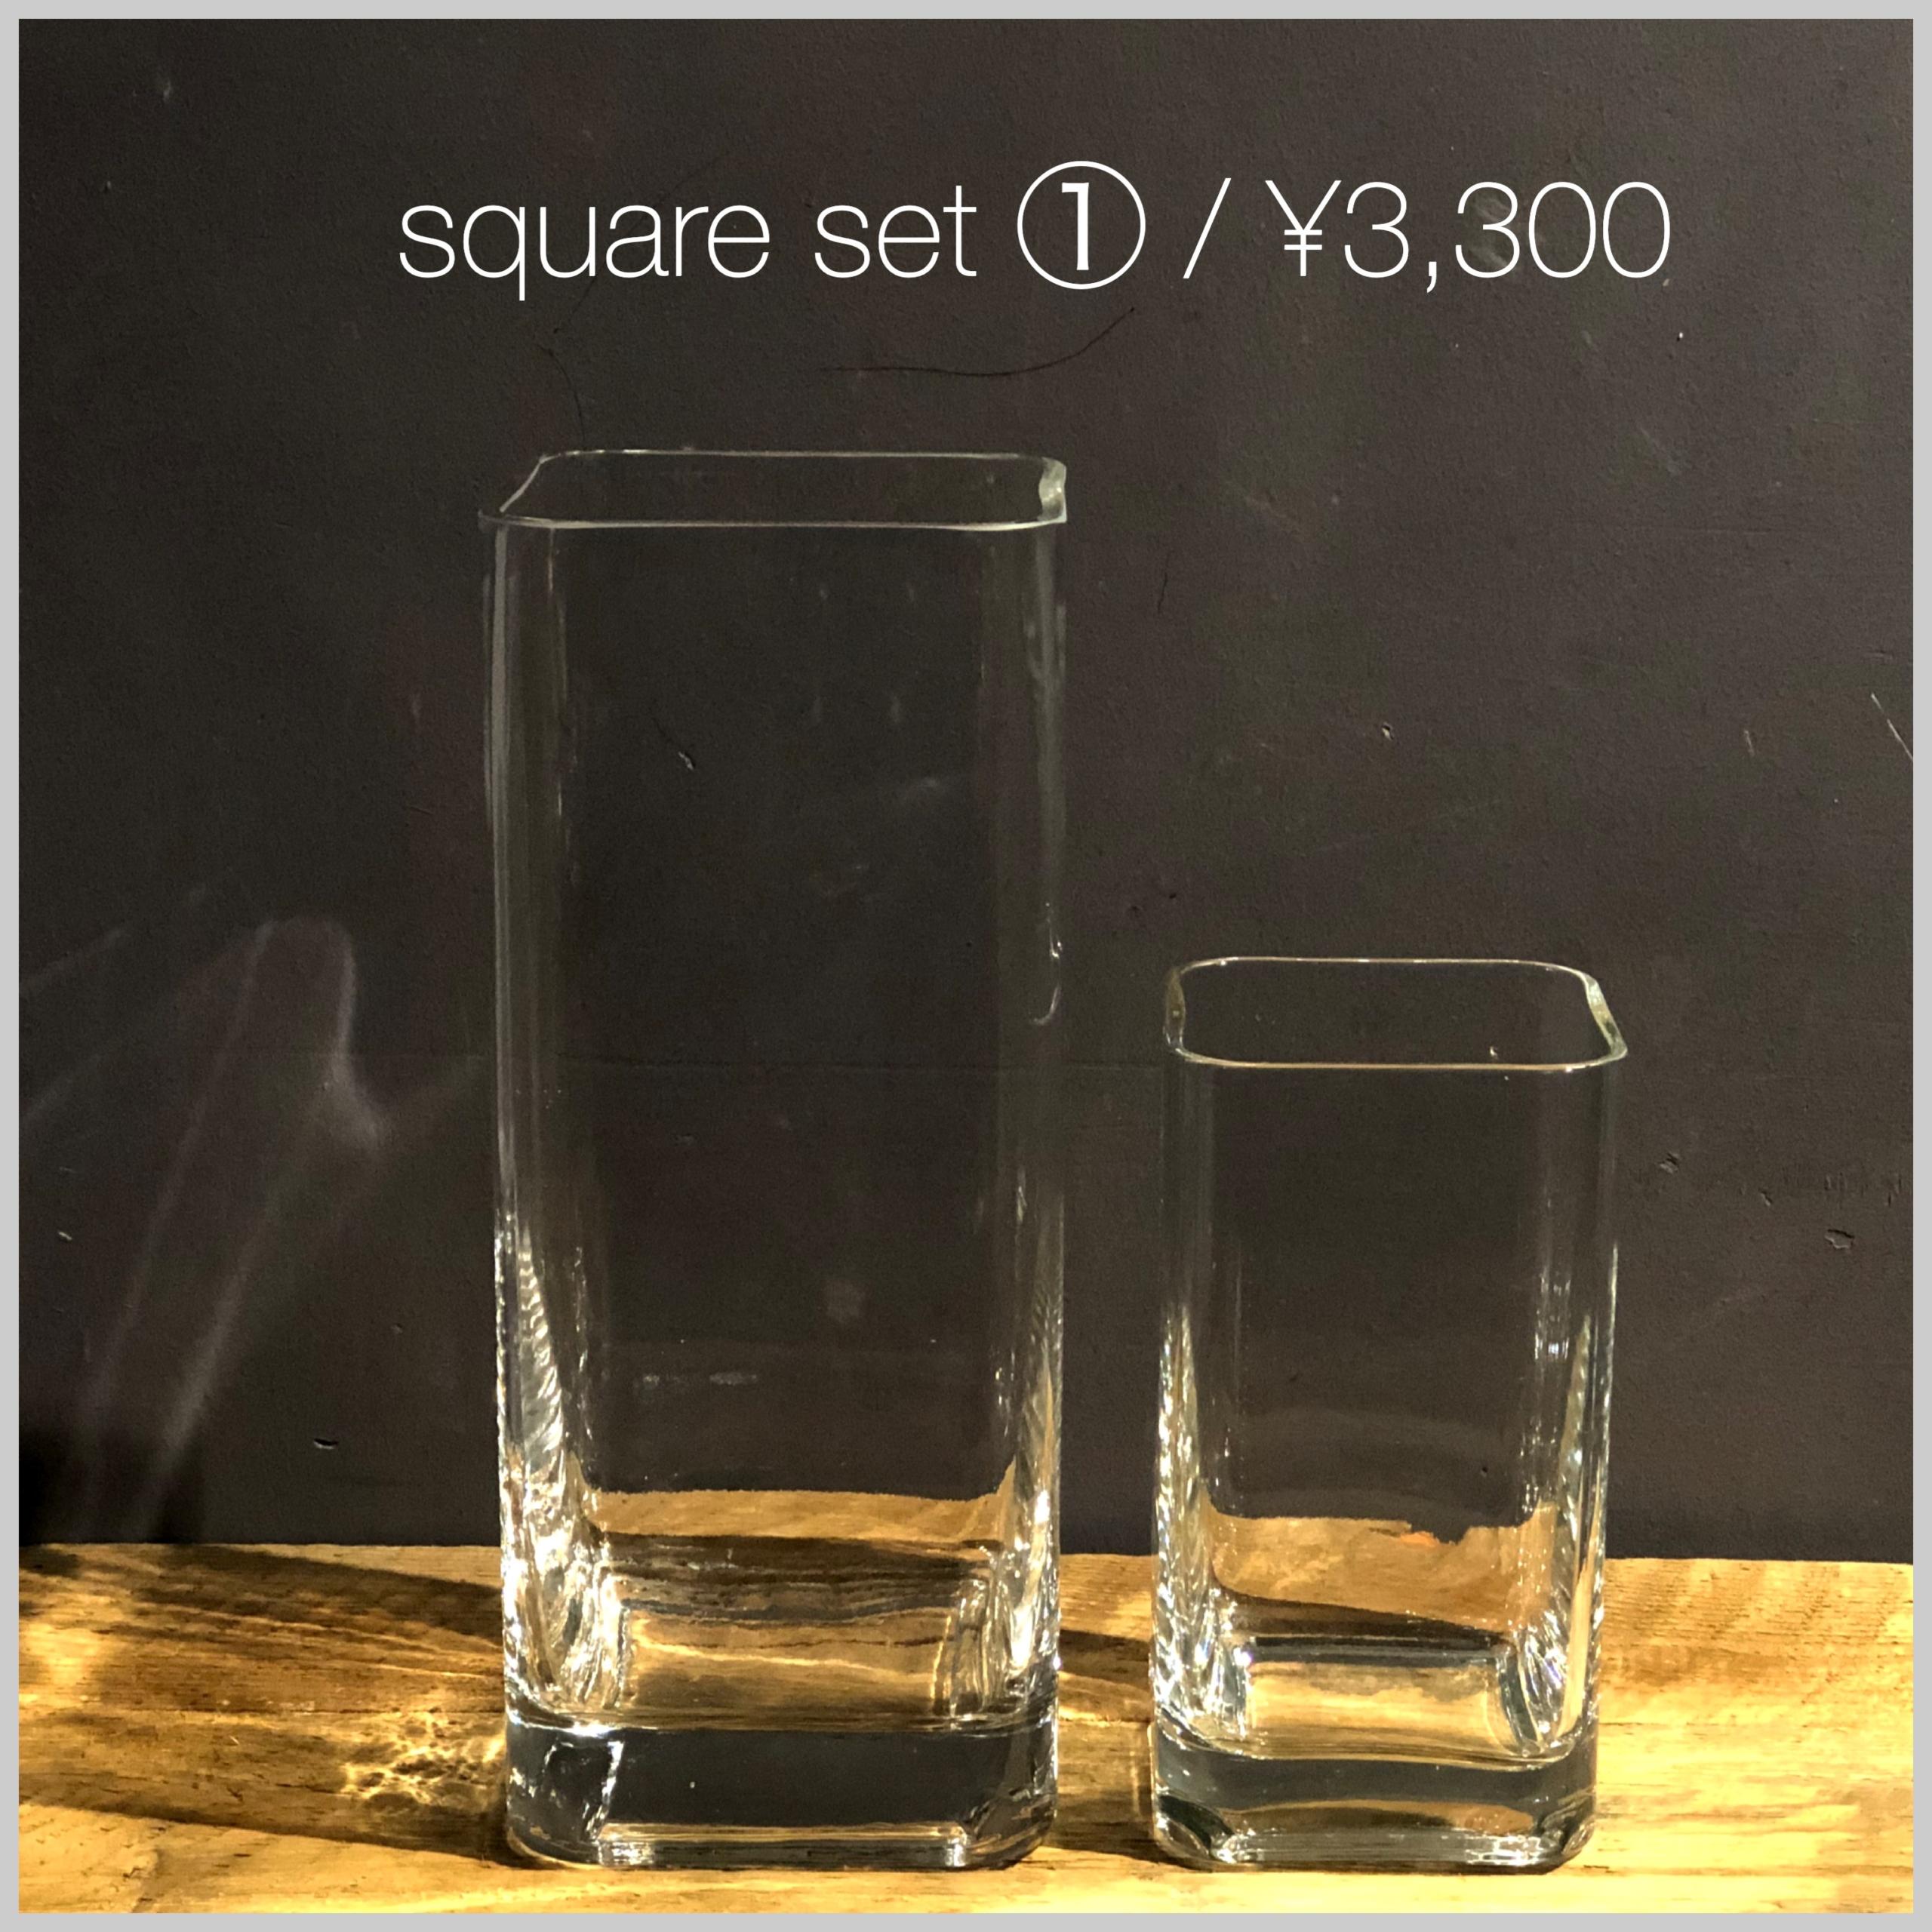 vase0006-squareset